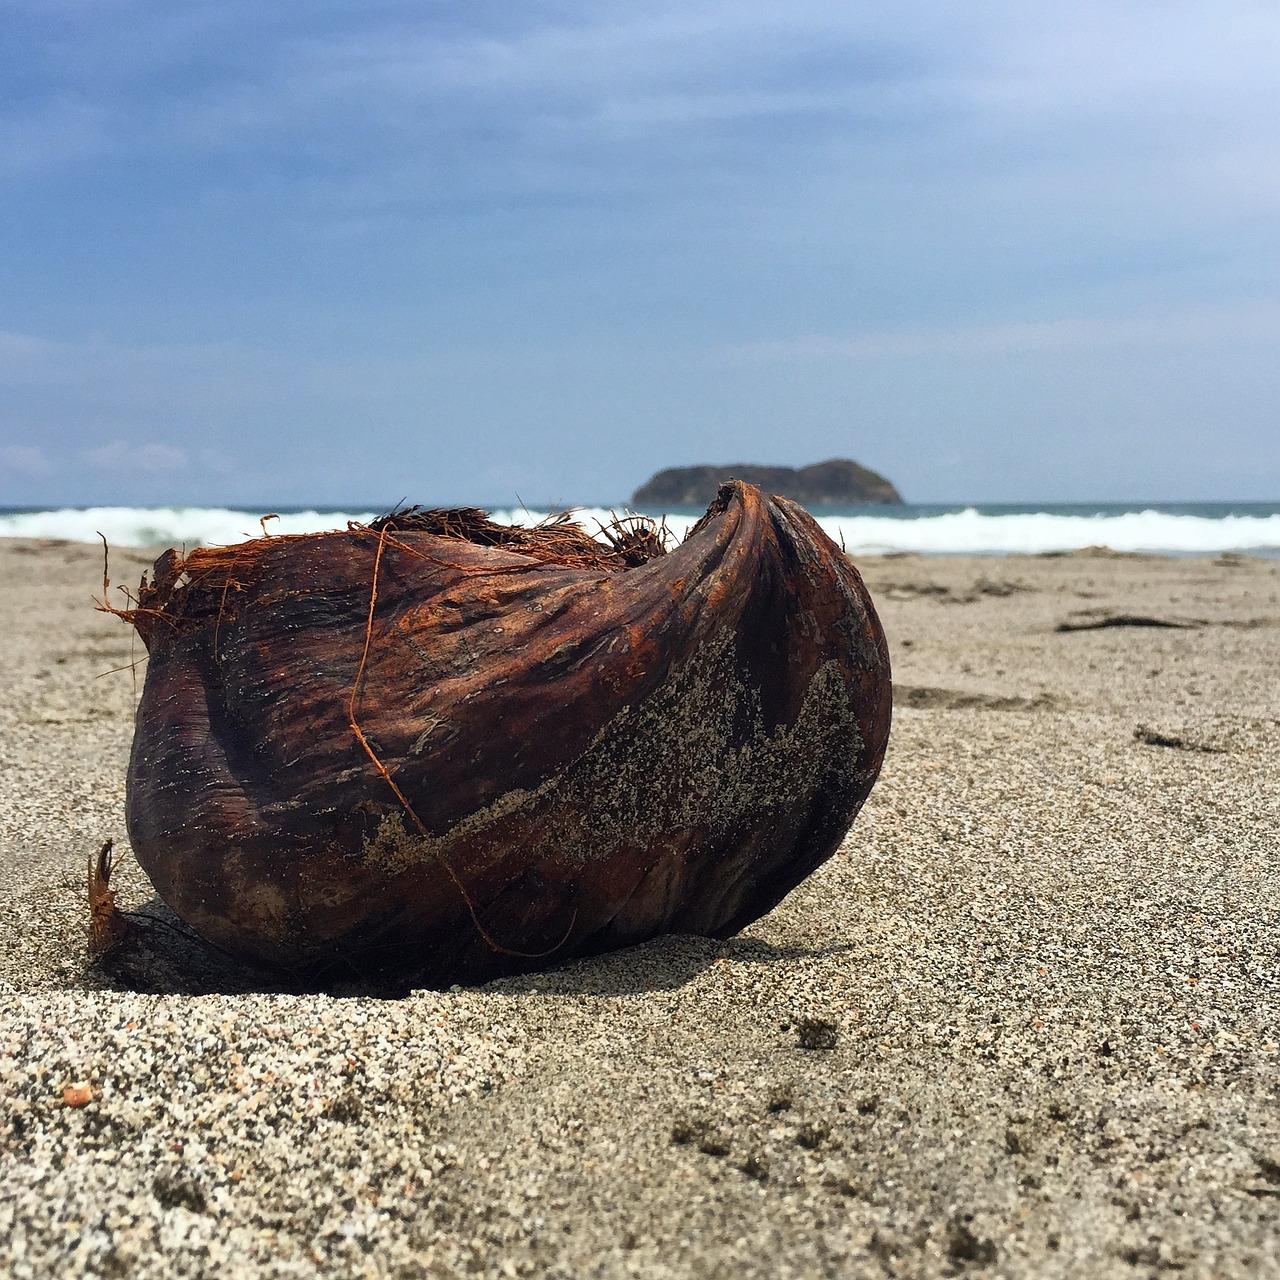 Coco Island, Costa Rica, Coconut on the Beach